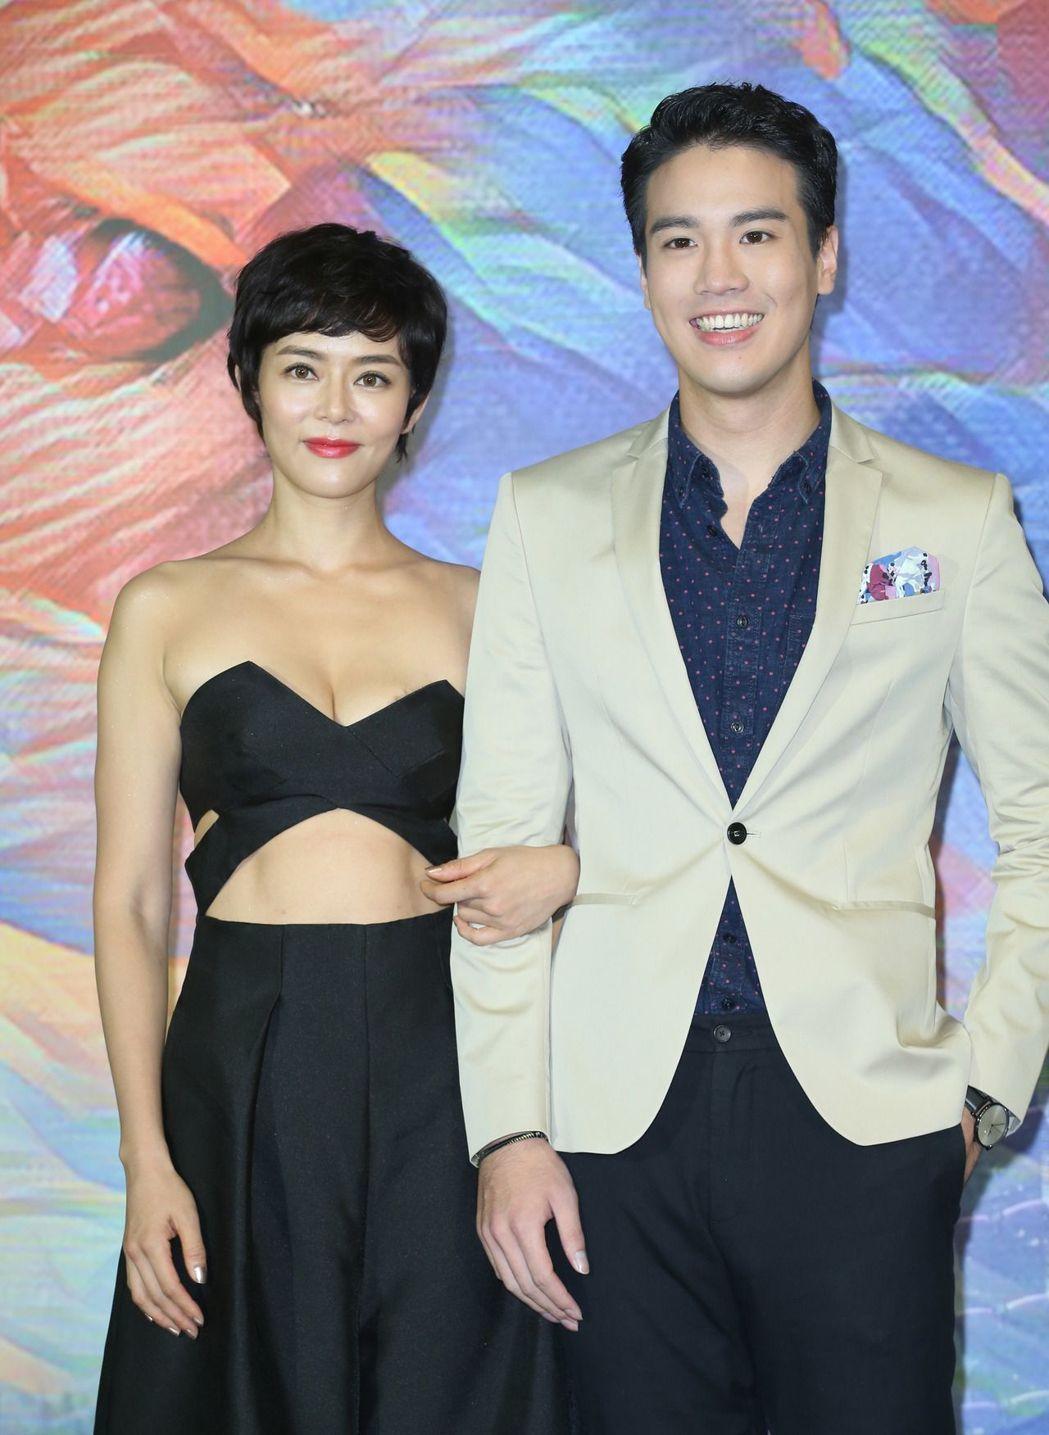 劉香慈(左)與新人謝毅宏(右)共同演出電影新片「乳·房」。記者陳瑞源/攝影 資料